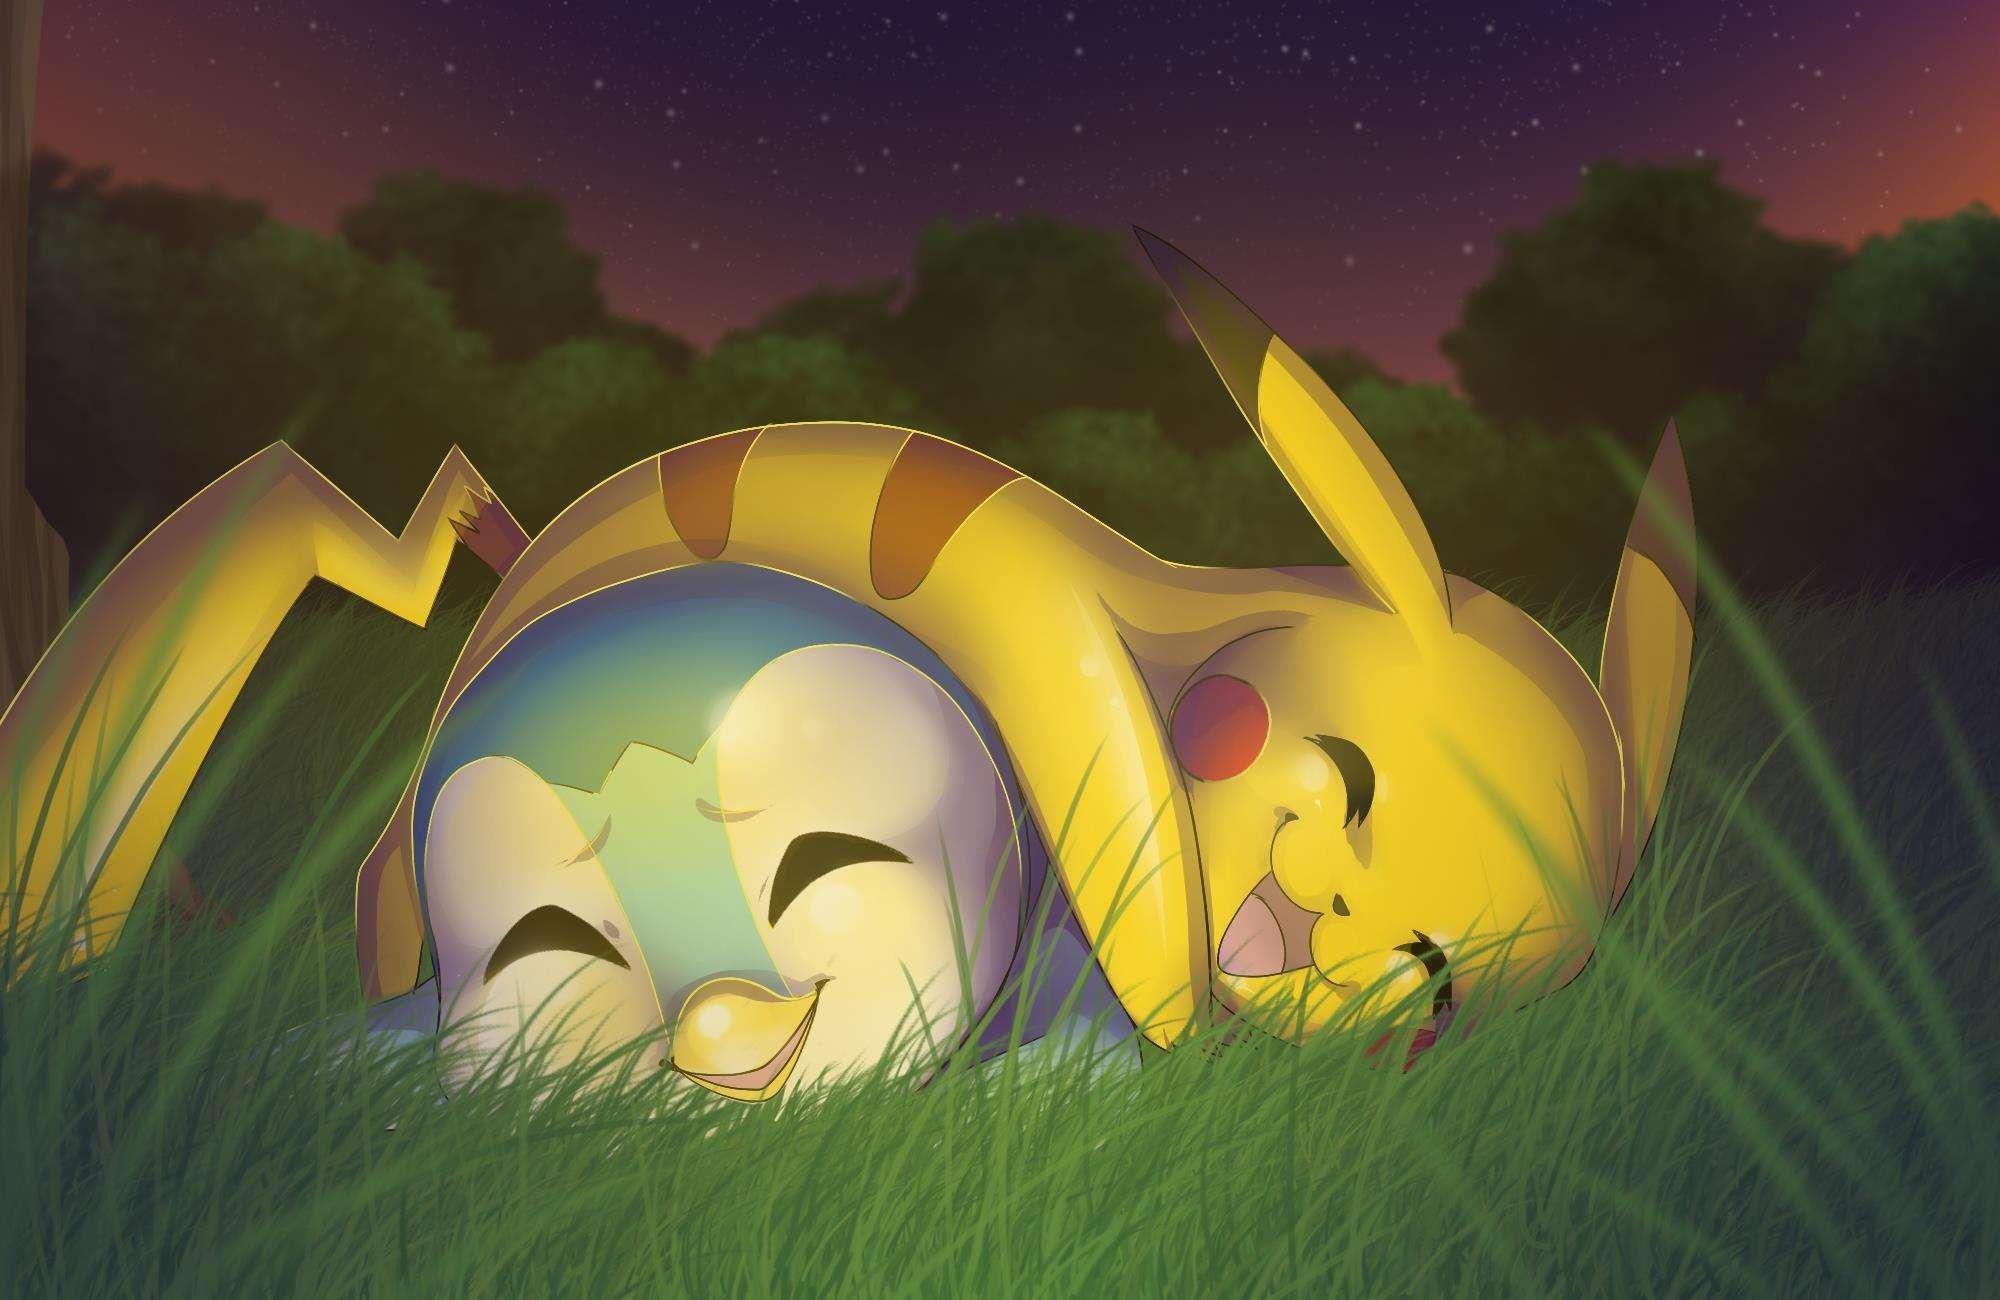 Cute Pikachu Wallpapers Top Free Cute Pikachu Backgrounds